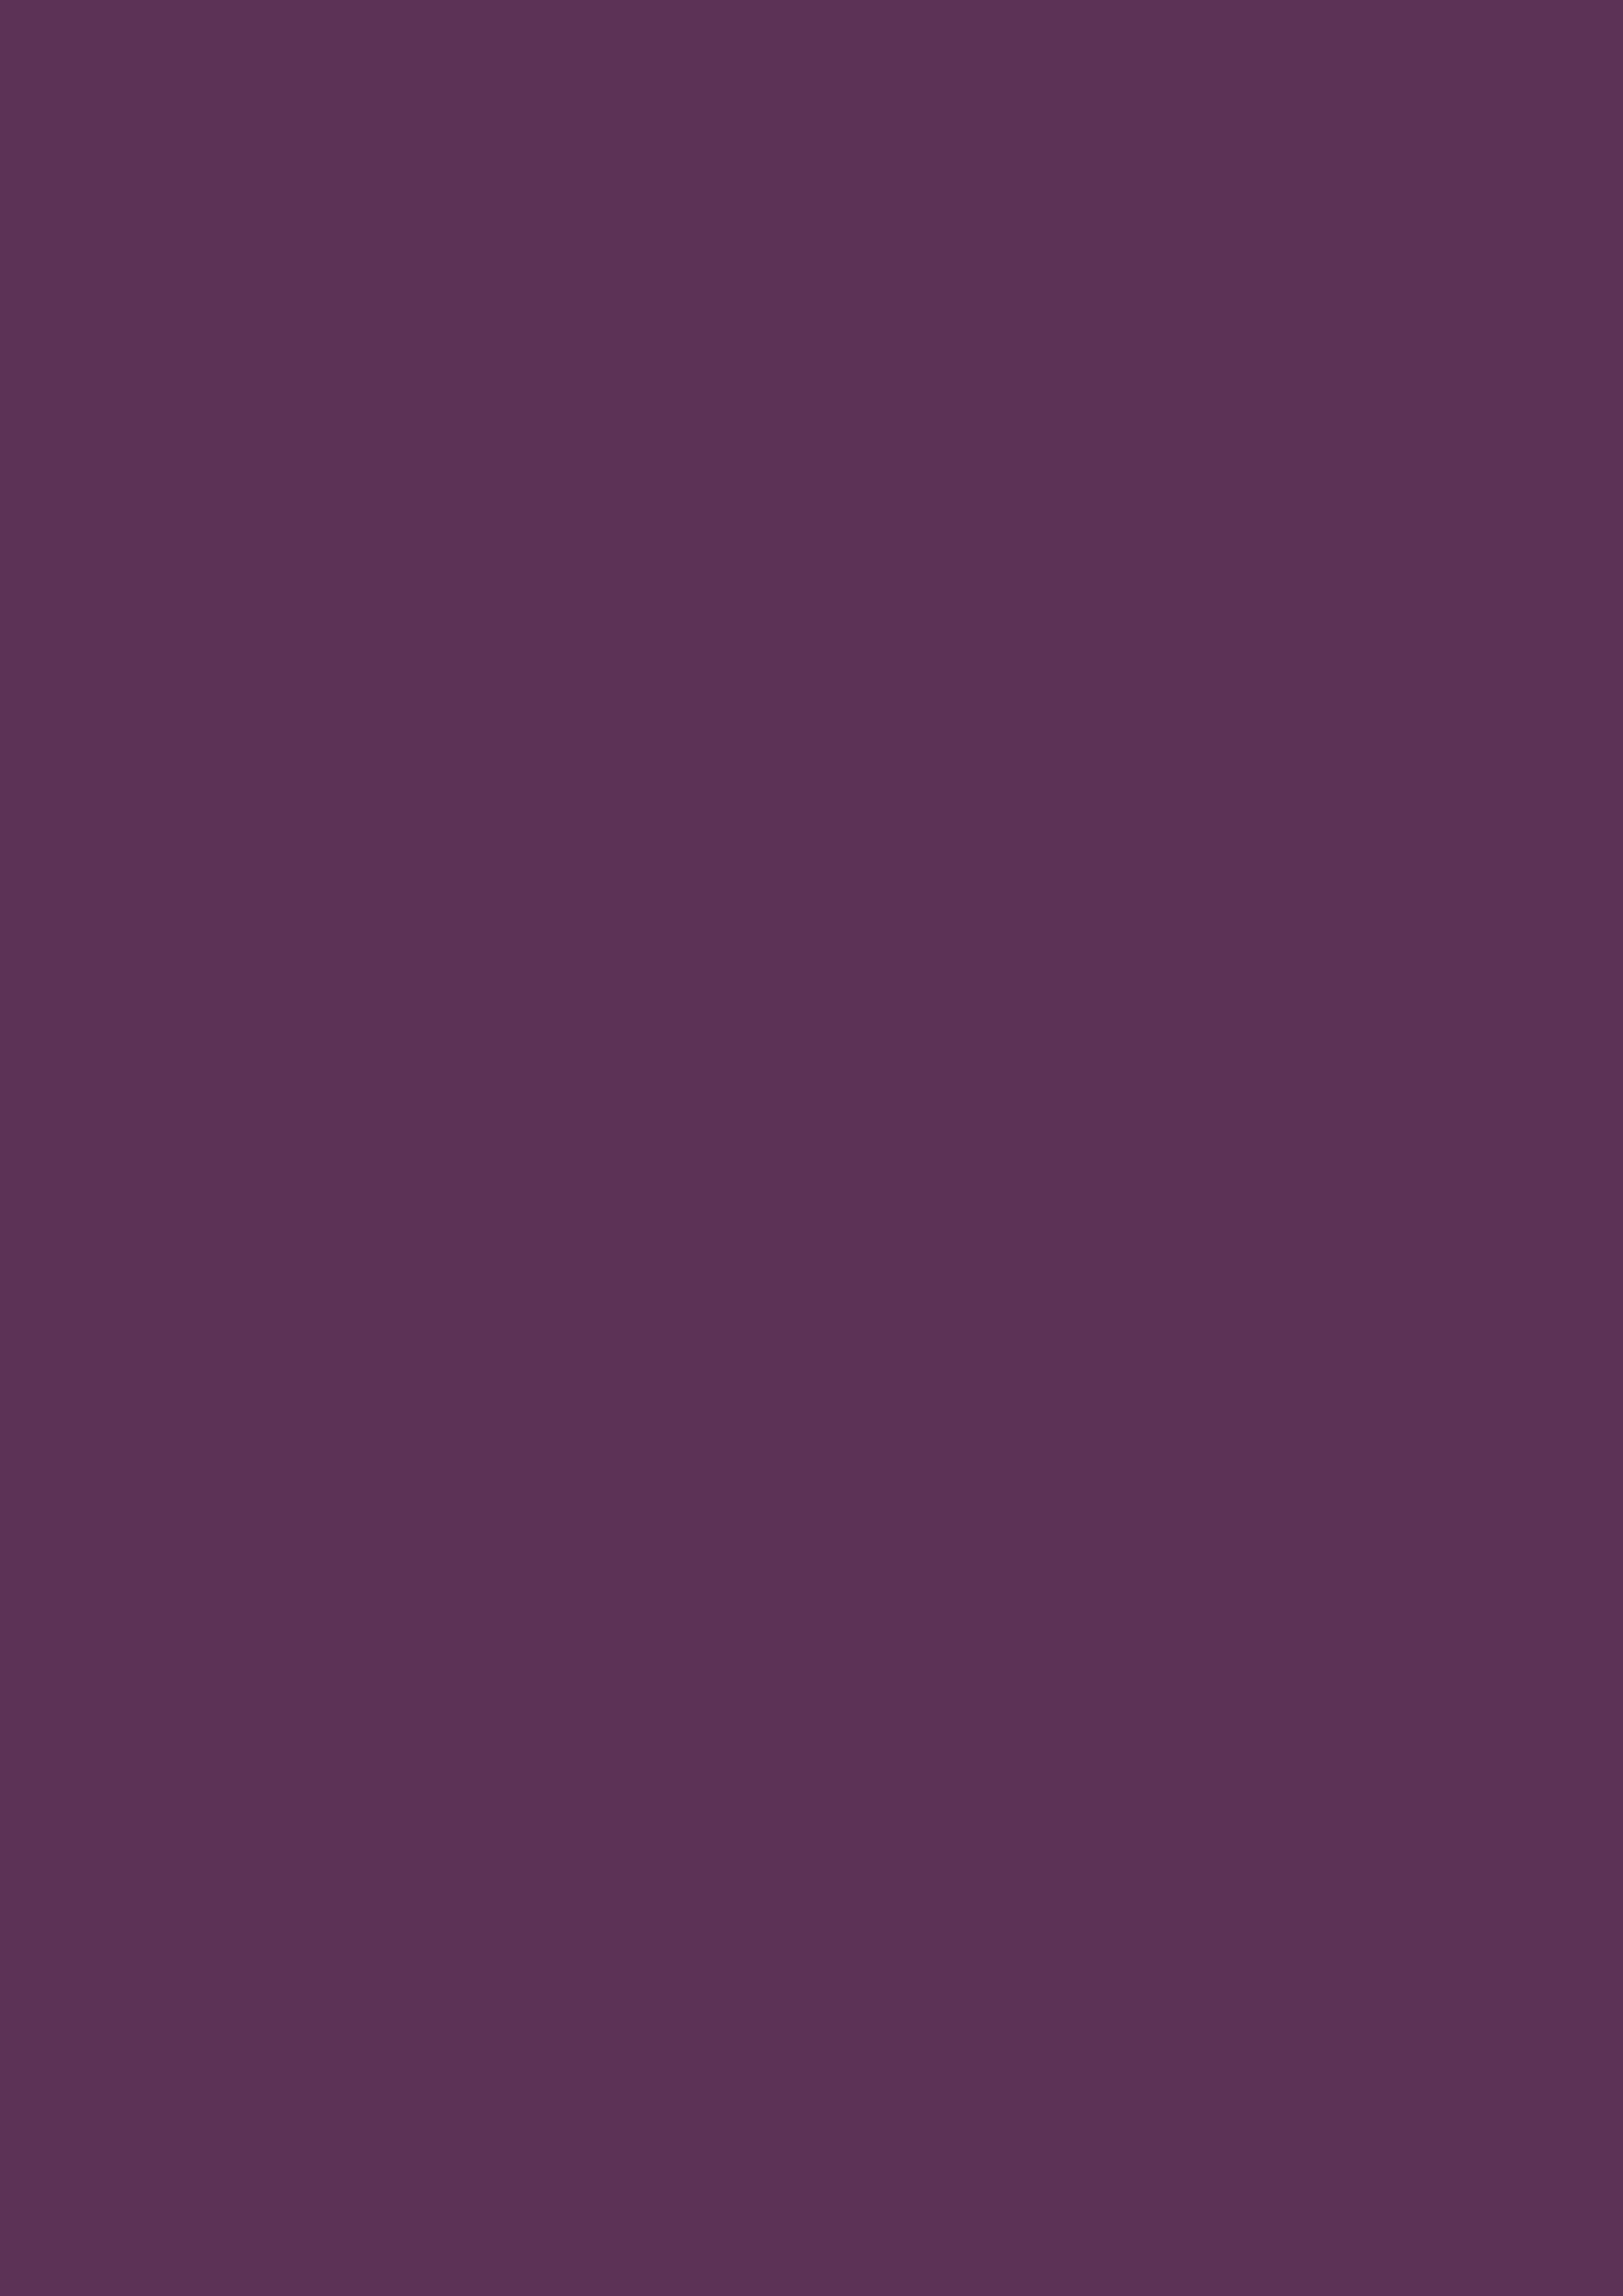 2480x3508 Japanese Violet Solid Color Background